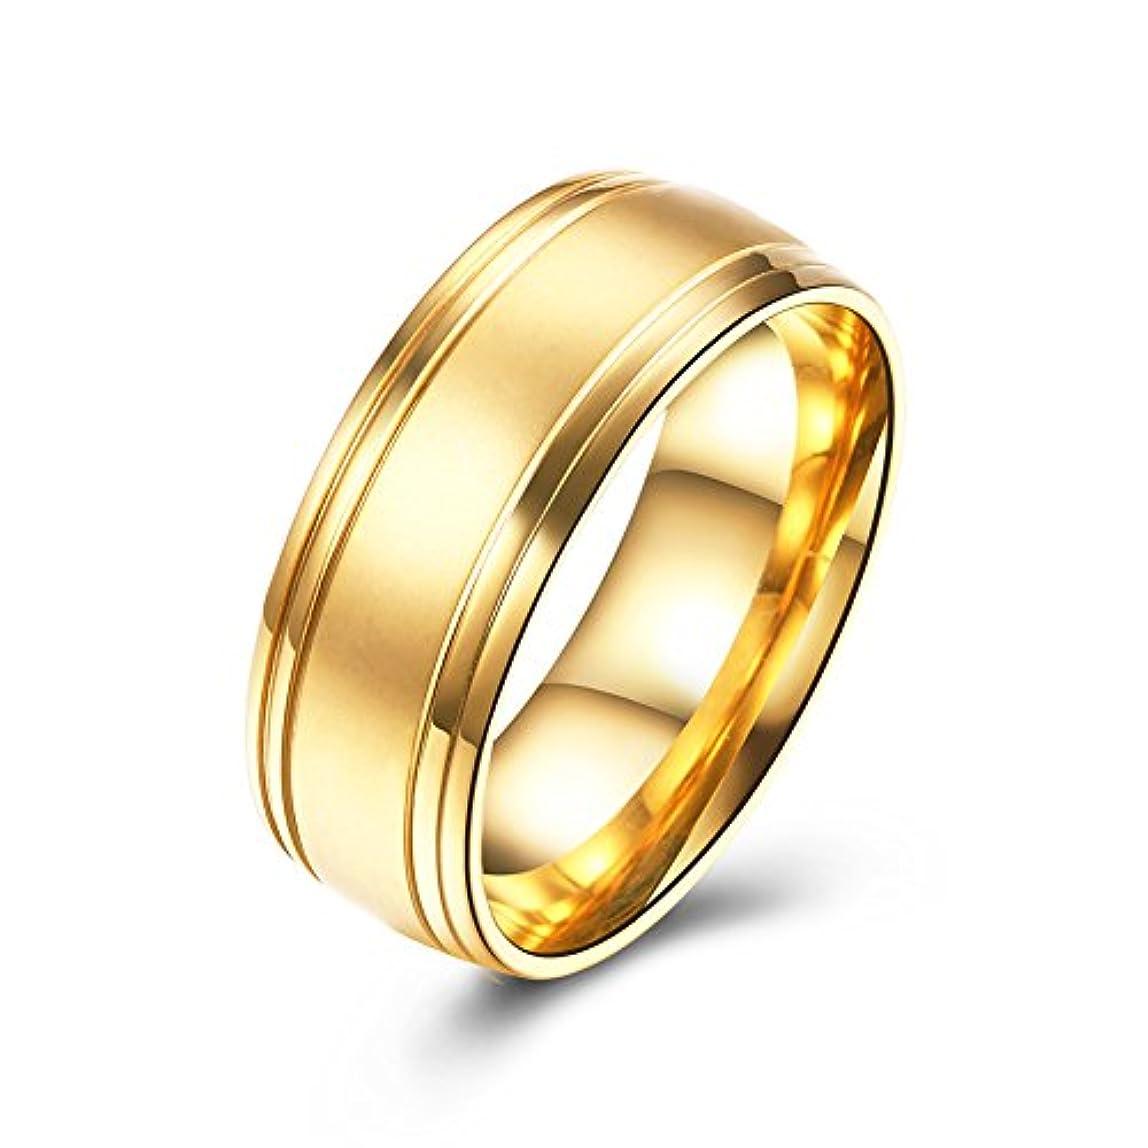 着服変数飼料流行アクセサリー バレンタインデーのカップルの指輪 ステンレススタンダードリング アレルギーを防ぐ 色あせない